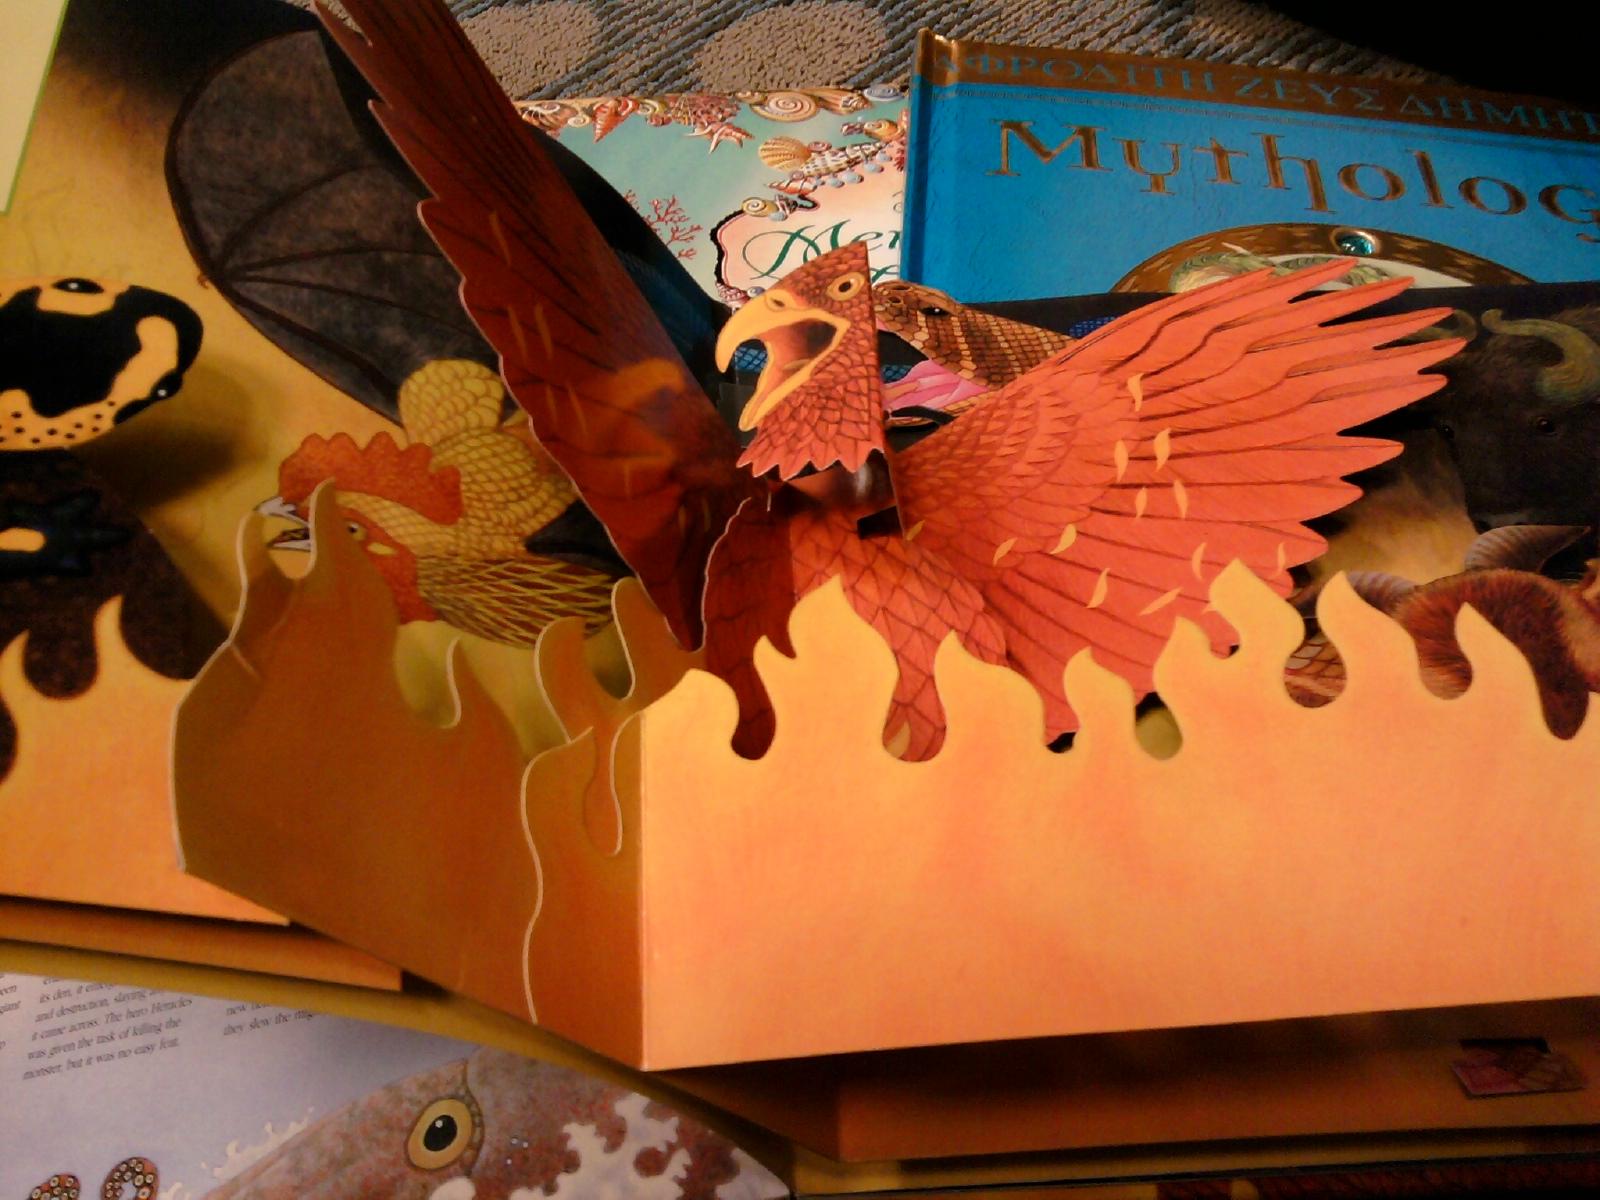 inside spread from Beastology book